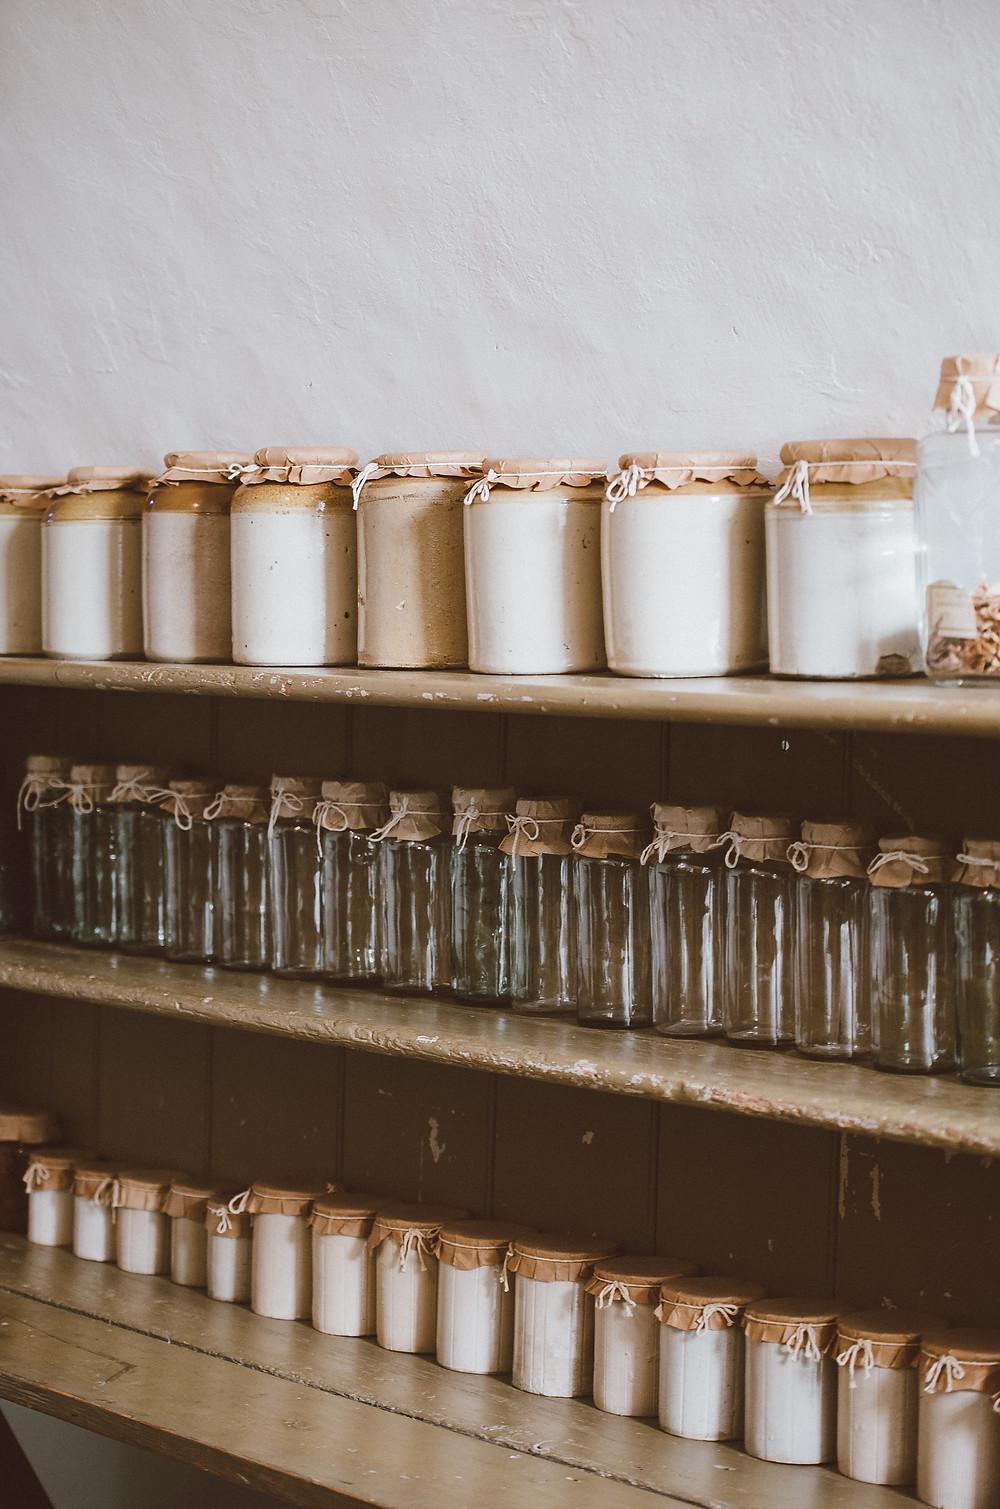 Organised jars on shelves